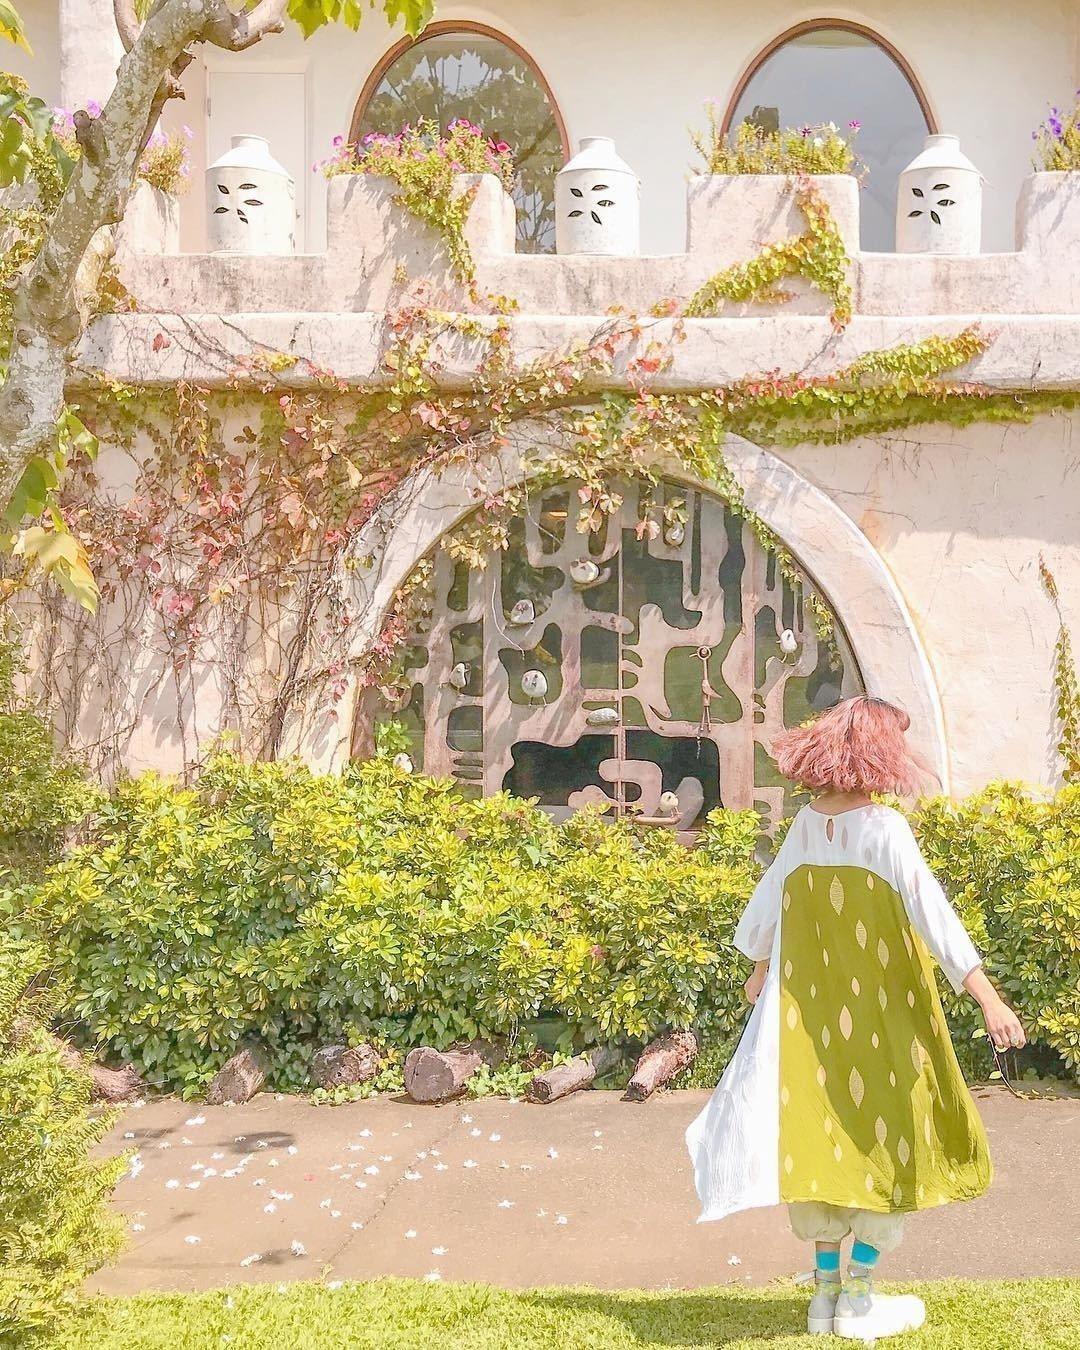 圖/園區內還有一座城堡民宿可以過夜。網友zora.taiwan授權